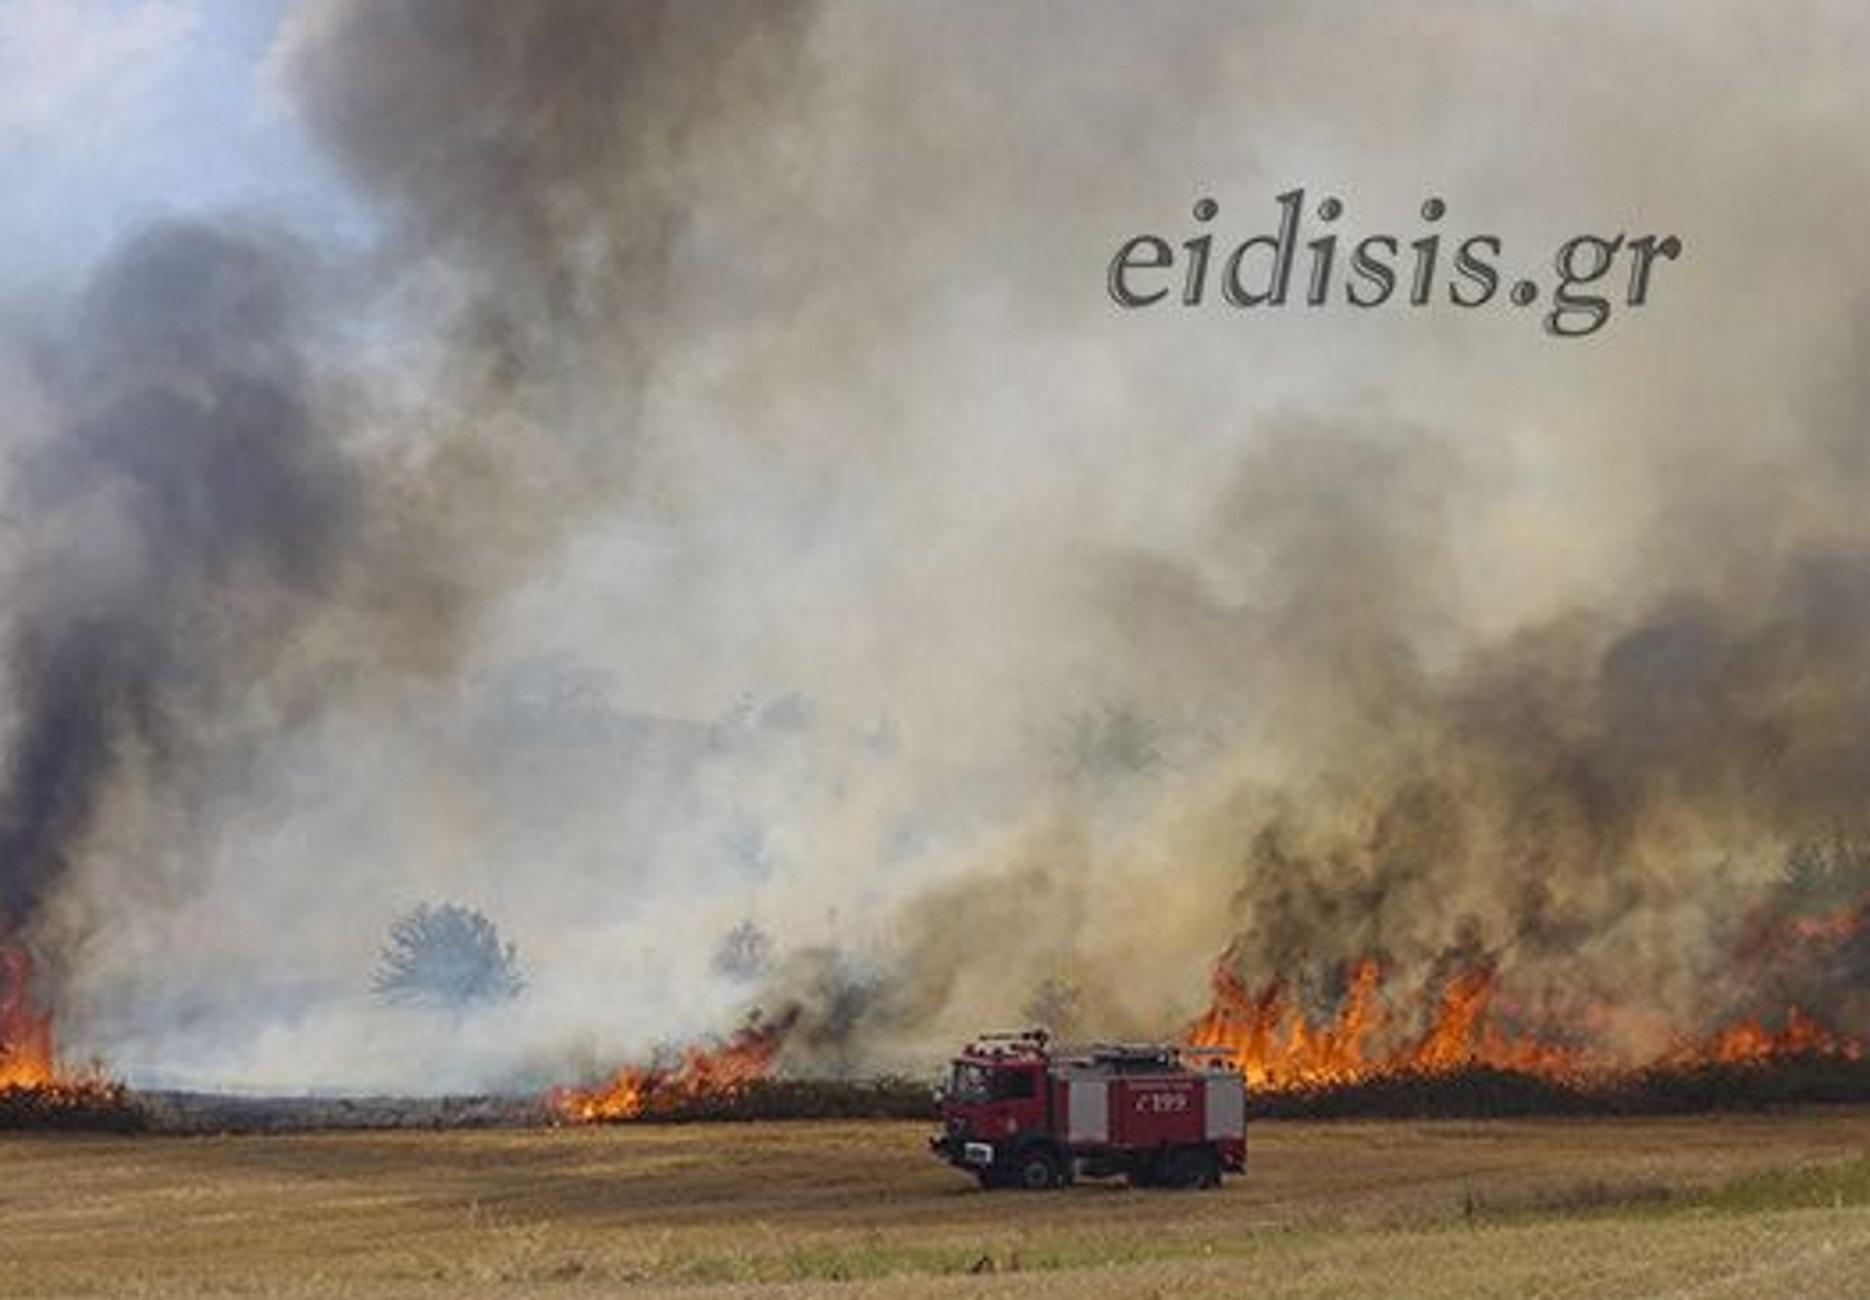 Κιλκίς: Αναστάτωση από φωτιά κοντά στον ΧΥΤΑ – Ένα πυκνό σύννεφο καπνού σκέπασε την πόλη